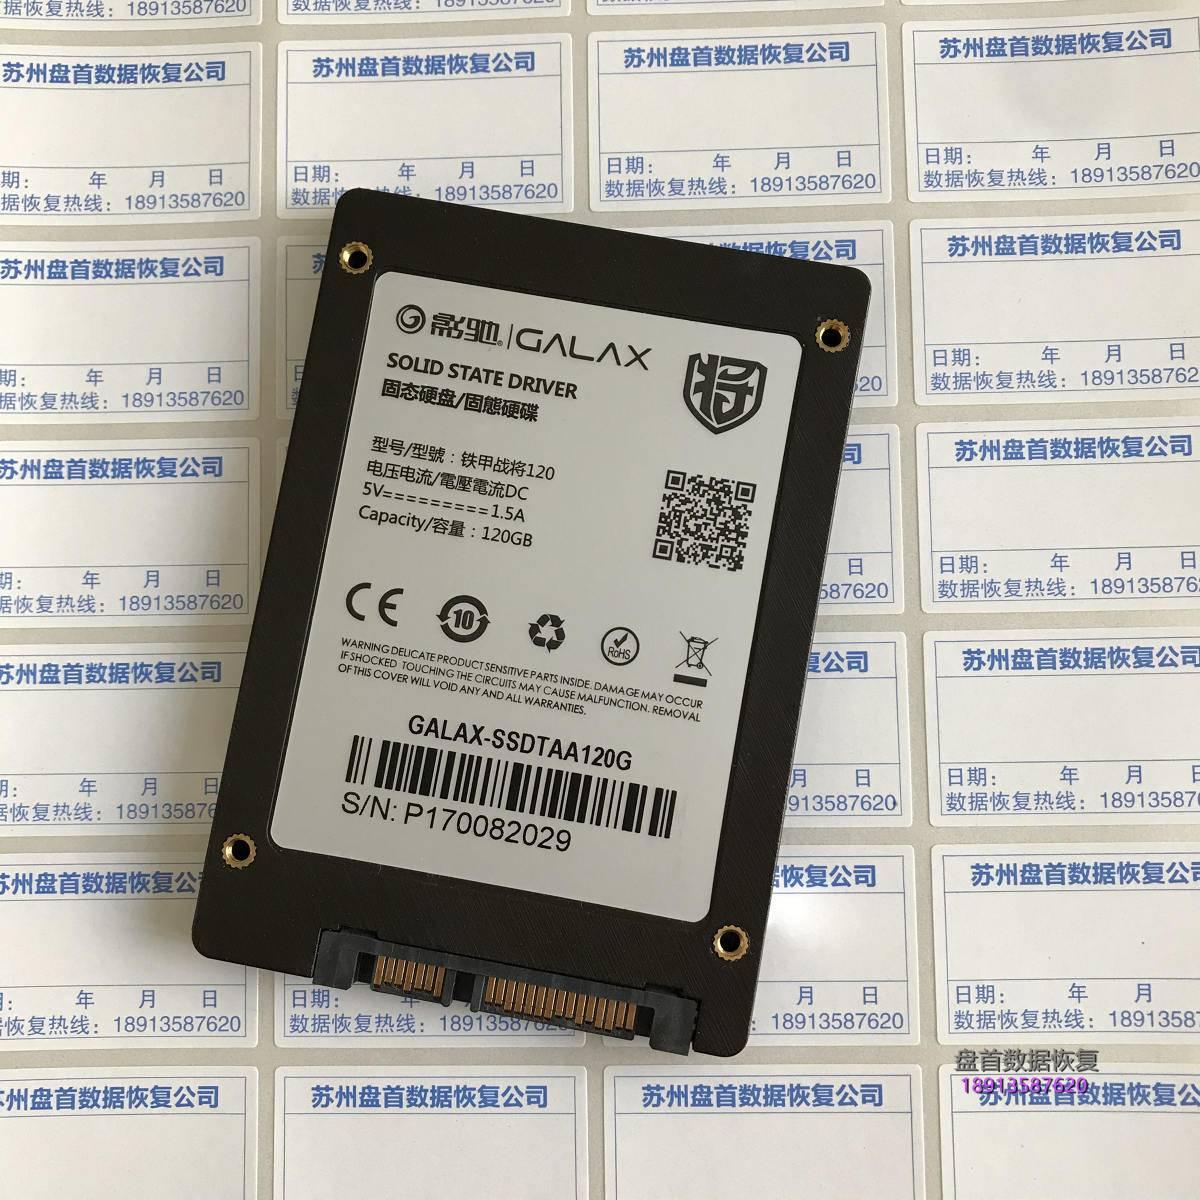 影驰SSD掉盘分区丢失型号变成SATAFIRM S11典型PS3111主控的固件损坏导致掉盘通病